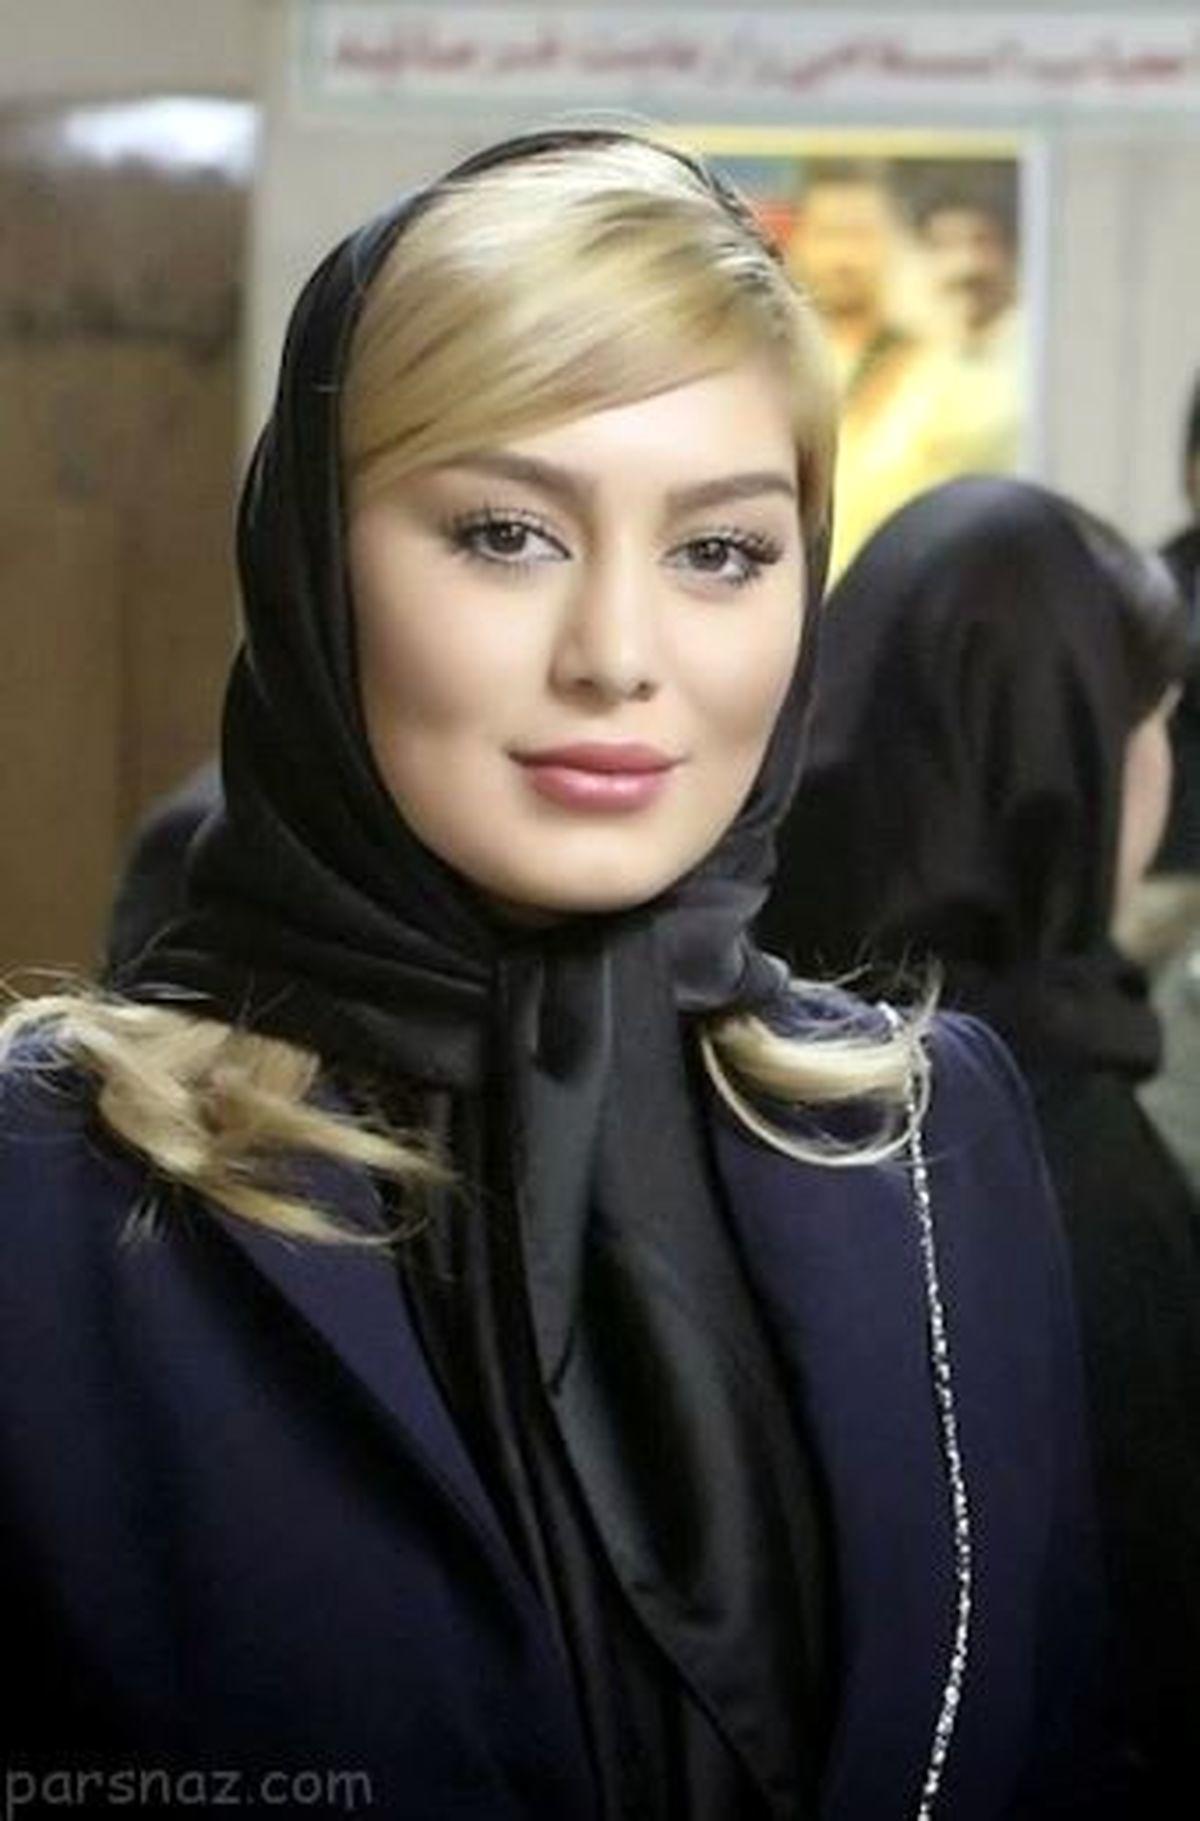 سحرقریشی از همسر جدیدش رونمایی کرد + عکس | درخواست عجیب مهدی - رصد ...